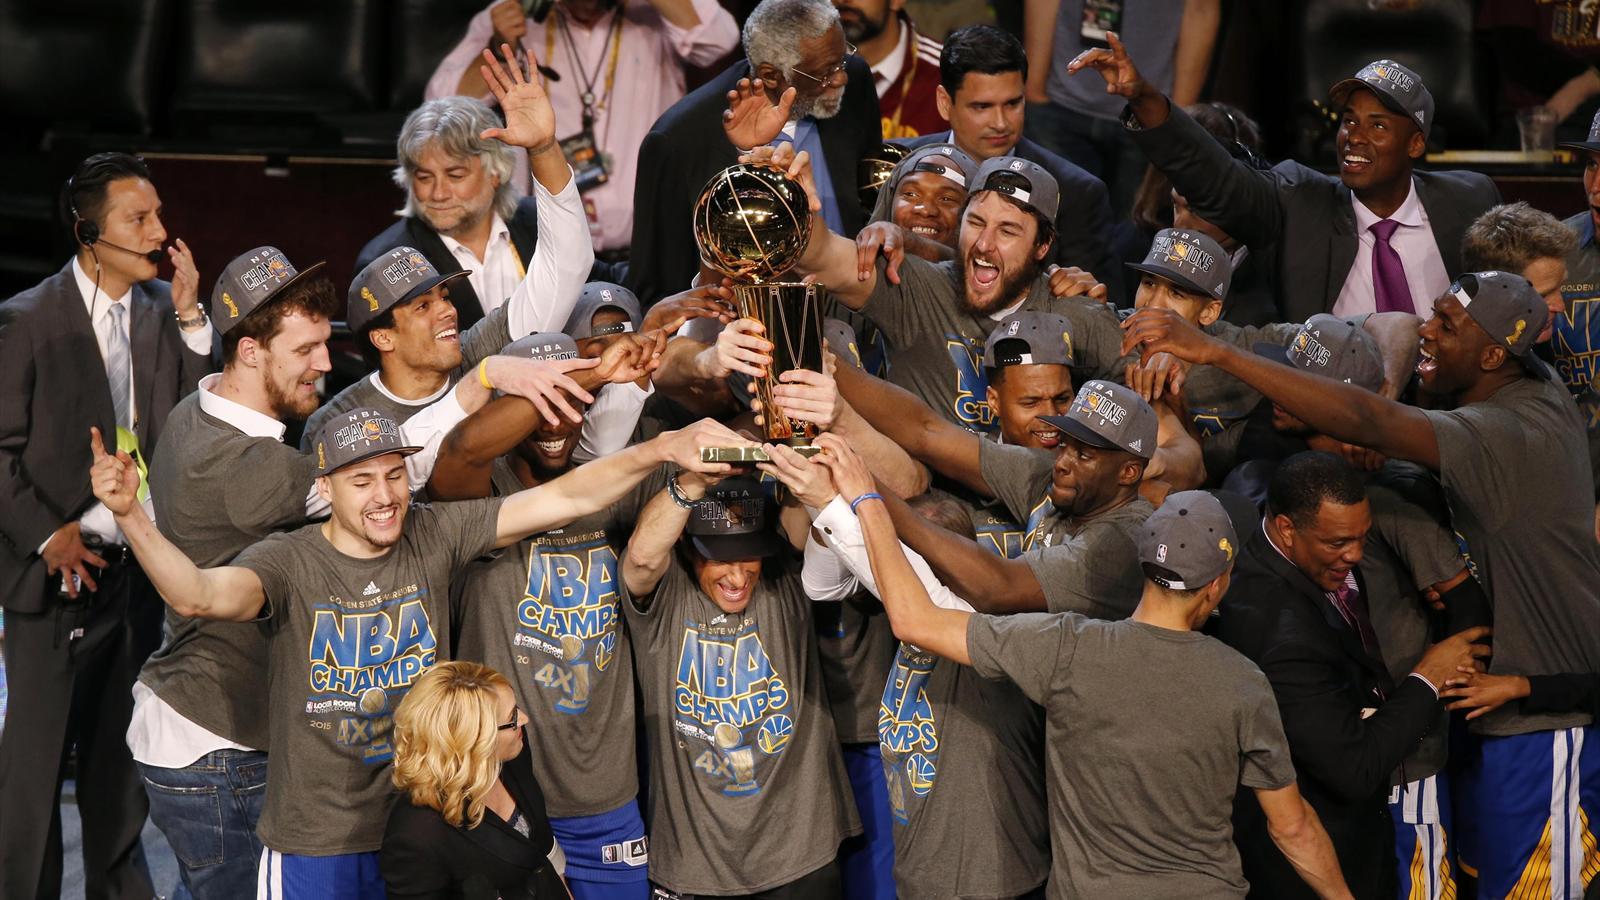 Champions NBA, les Golden State Warriors soulèvent le trophée Larry O'Brien